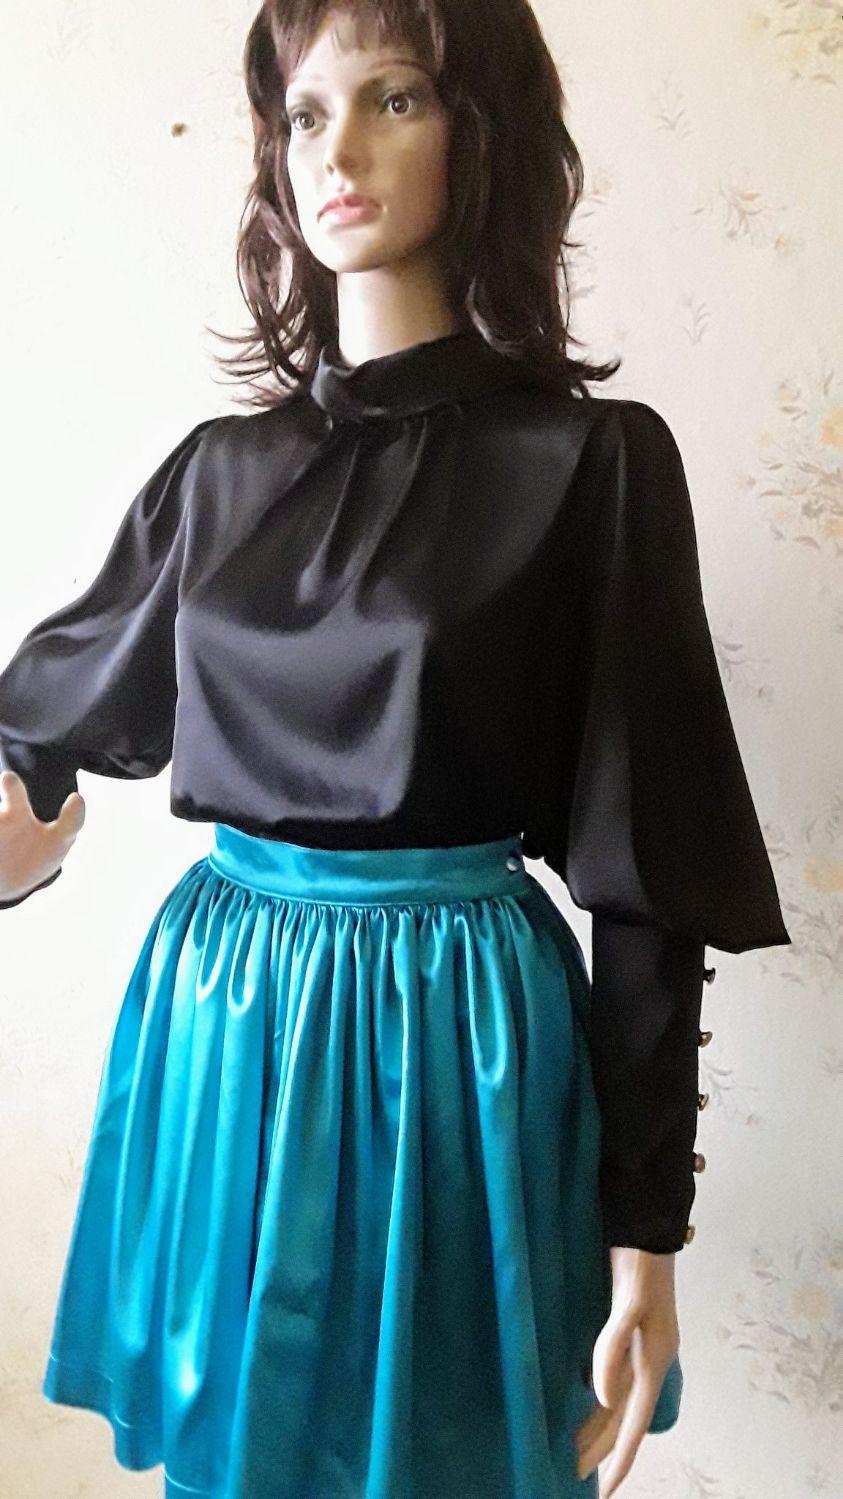 06d1bc01d16 Нарядная блузка из атласа – купить в интернет-магазине на Ярмарке ...